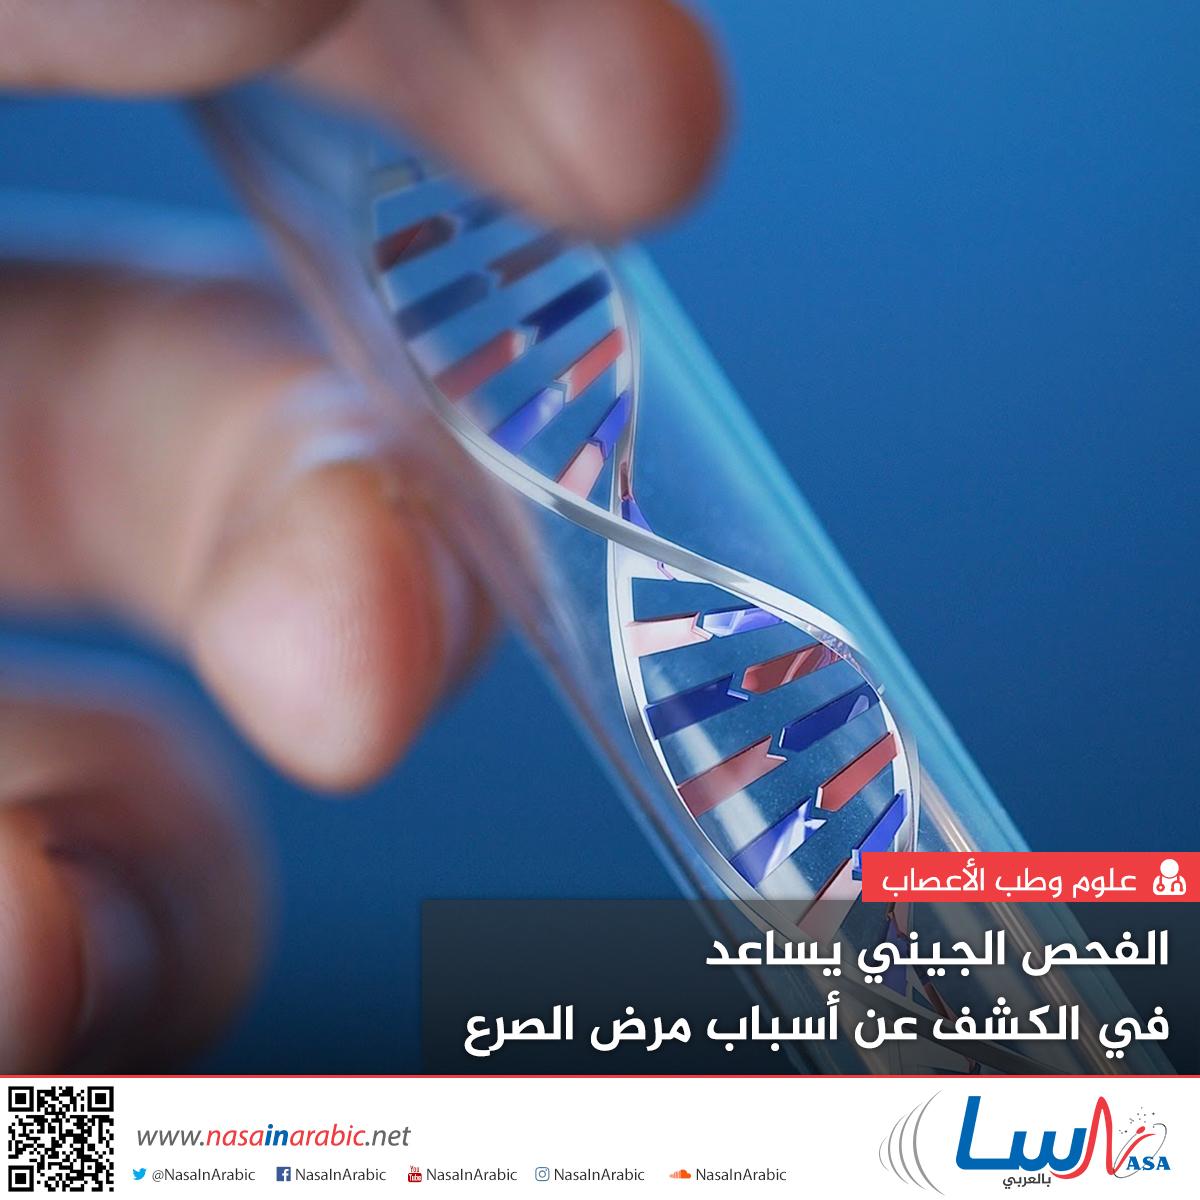 الفحص الجيني يساعد في الكشف عن أسباب مرض الصرع